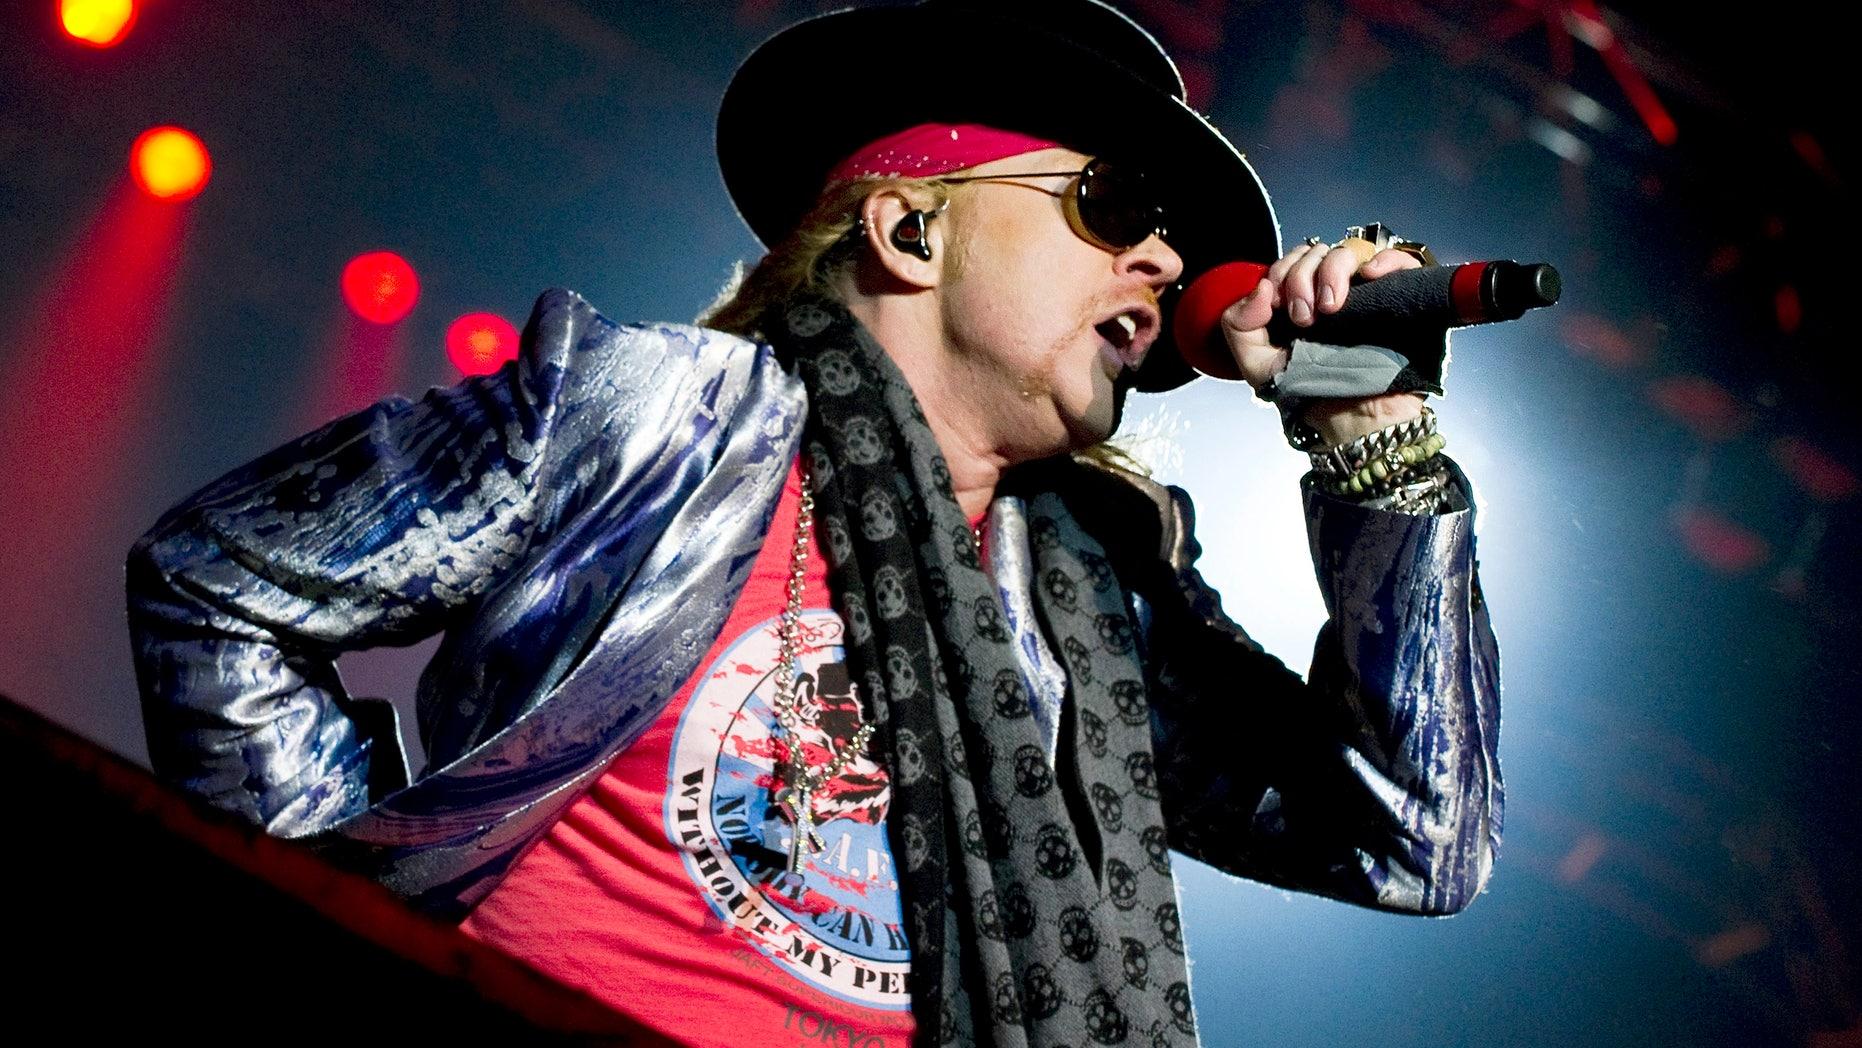 June 12, 2010. Axl Rose performs during the Sweden Rock Festival 2010 in Solvesborg, Sweden.